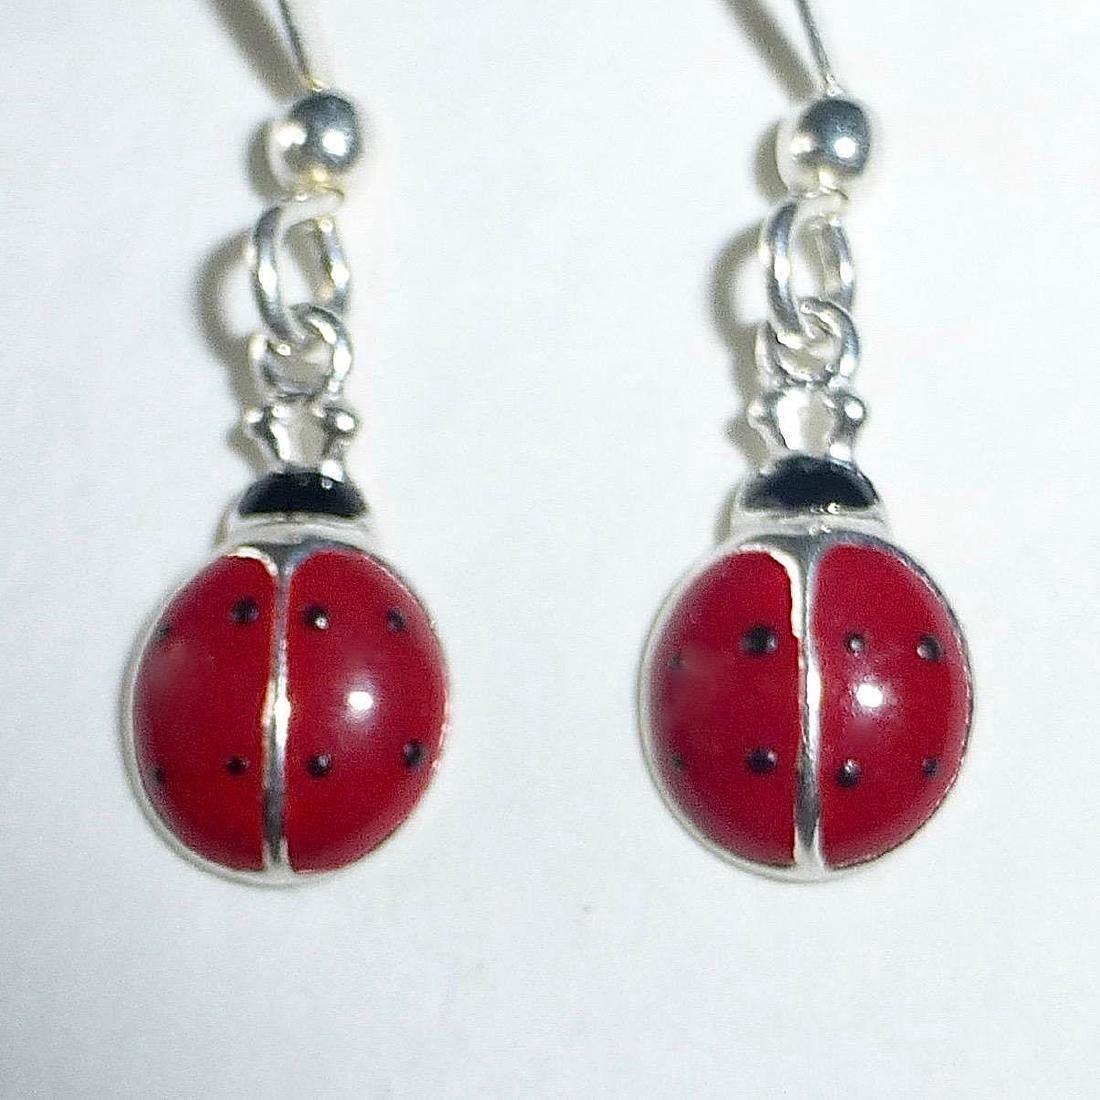 Vintage Sterling Silver Enamel Ladybug Earrings - 3